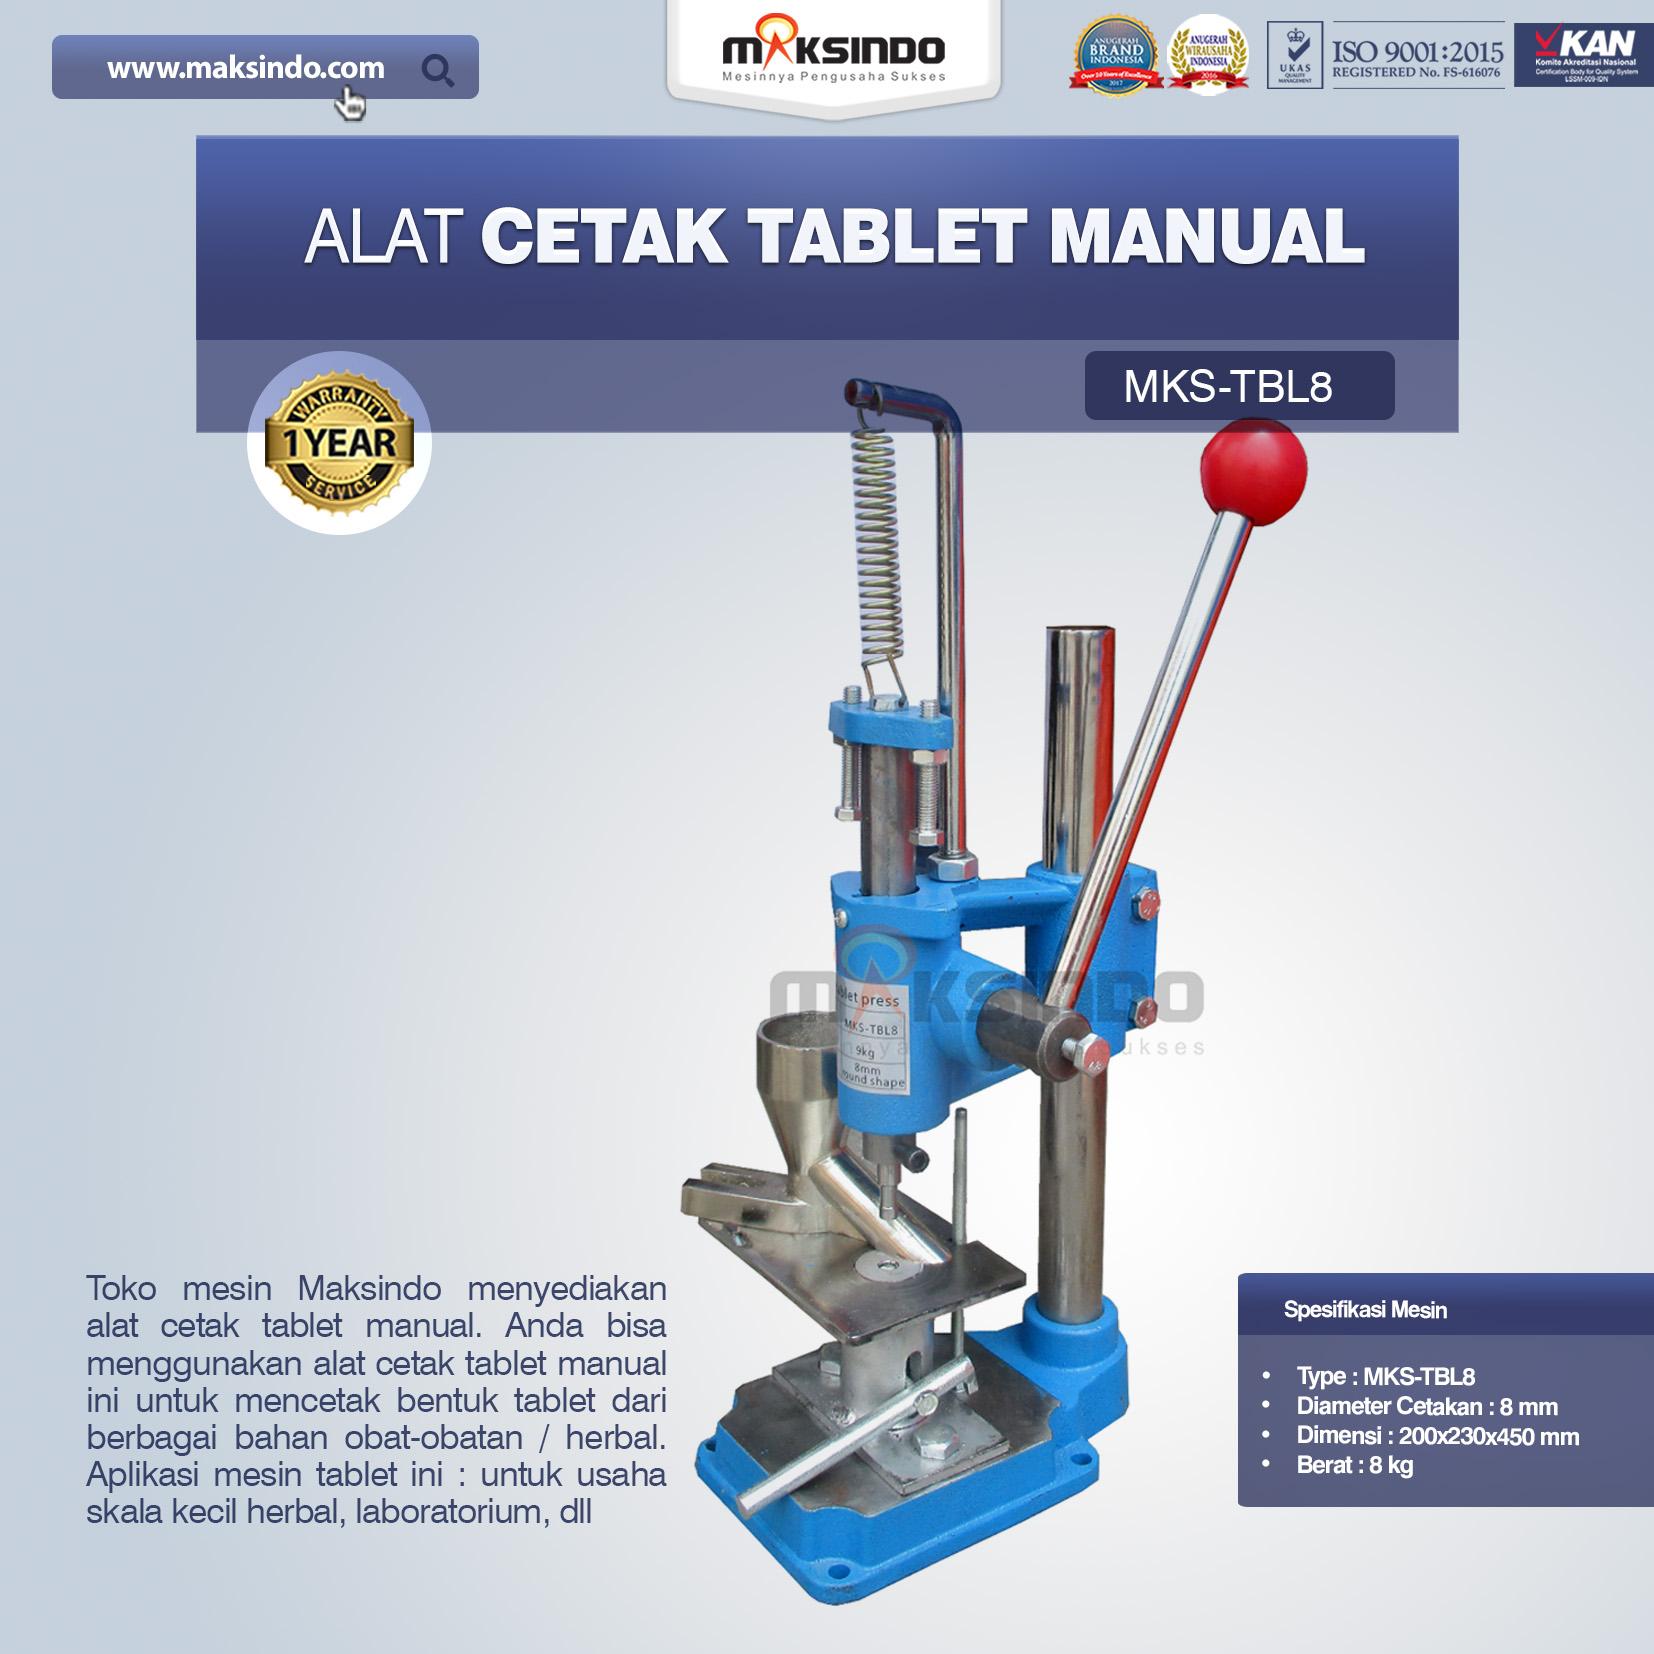 Jual Alat Cetak Tablet ManualMKS-TBL8 di Bogor